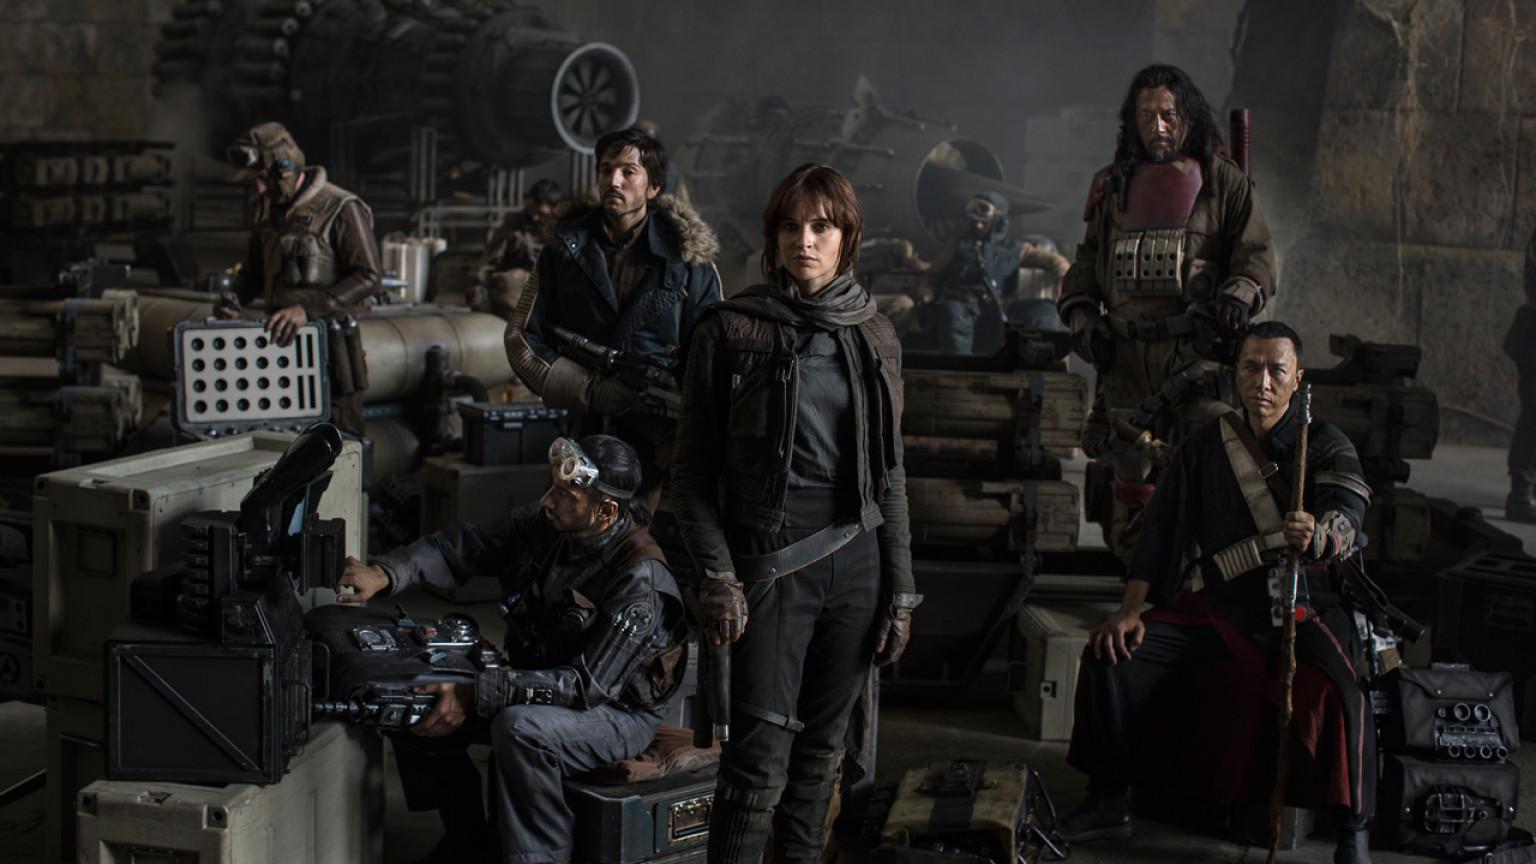 Какие фильмы смотреть в 2016 году спин-офф Звездных войн